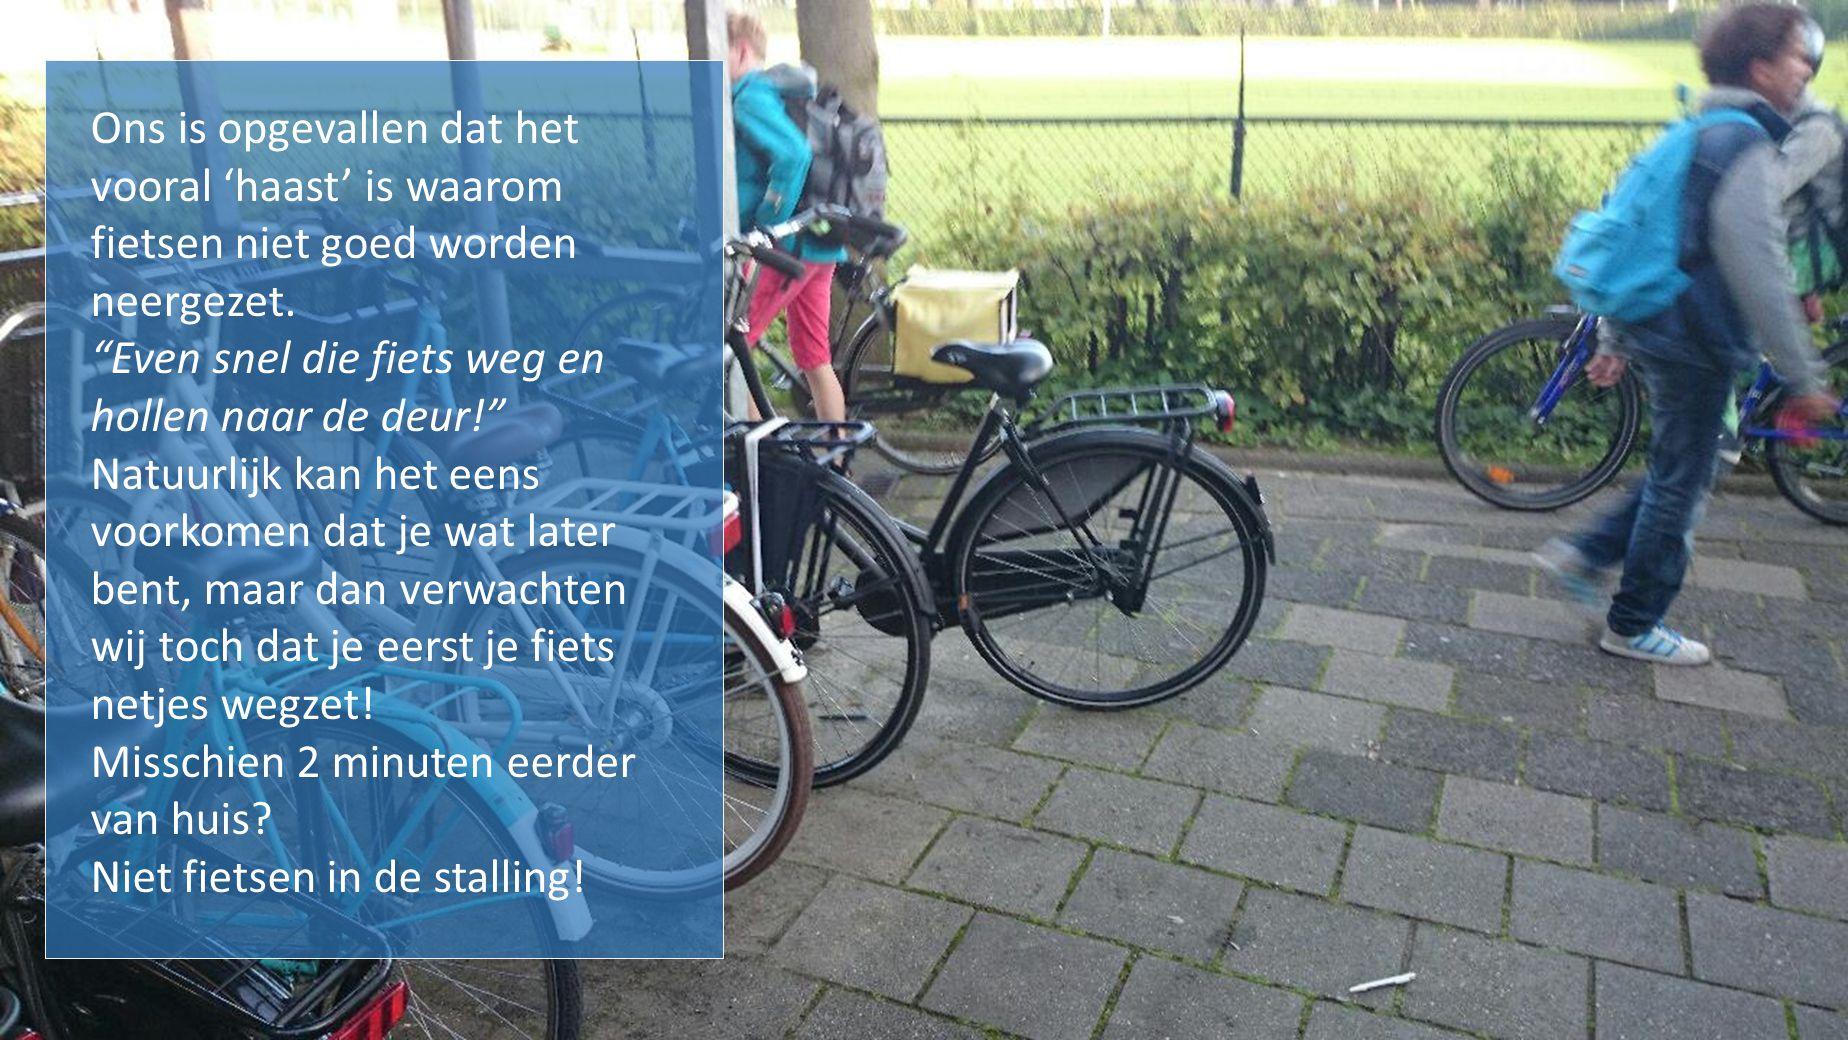 """Ons is opgevallen dat het vooral 'haast' is waarom fietsen niet goed worden neergezet. """"Even snel die fiets weg en hollen naar de deur!"""" Natuurlijk ka"""